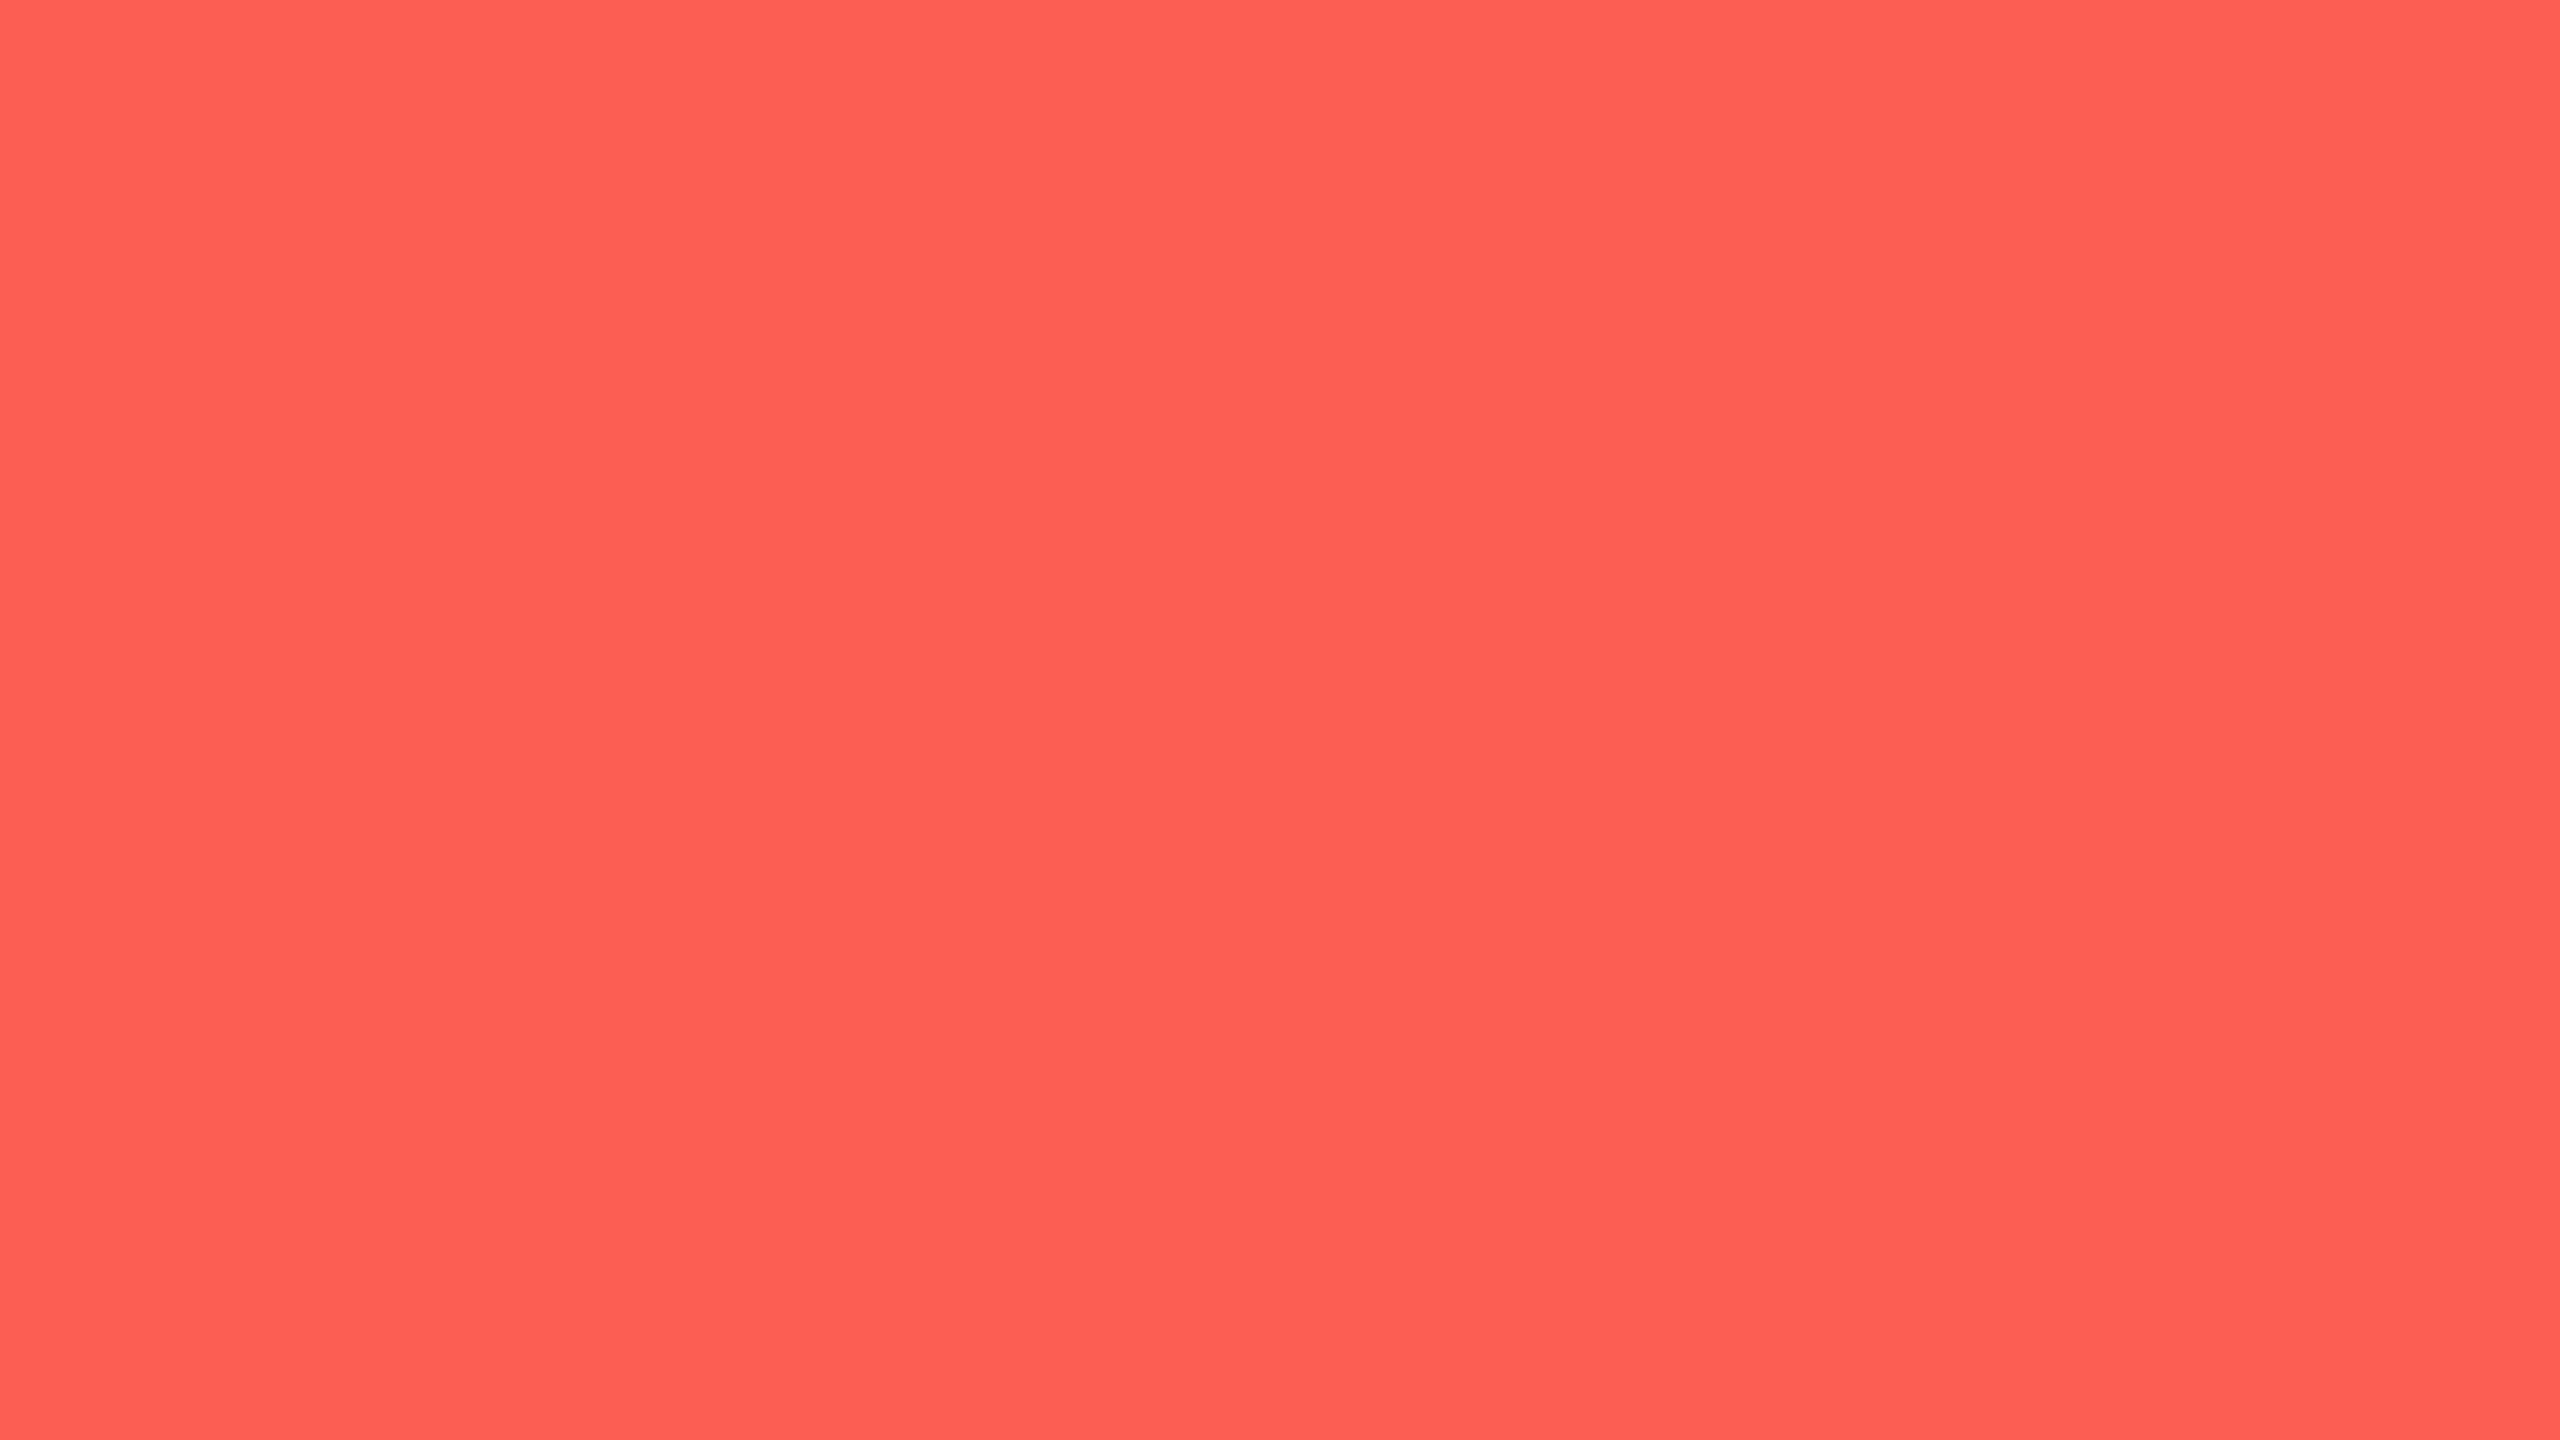 2560x1440 sunset orange solid color background